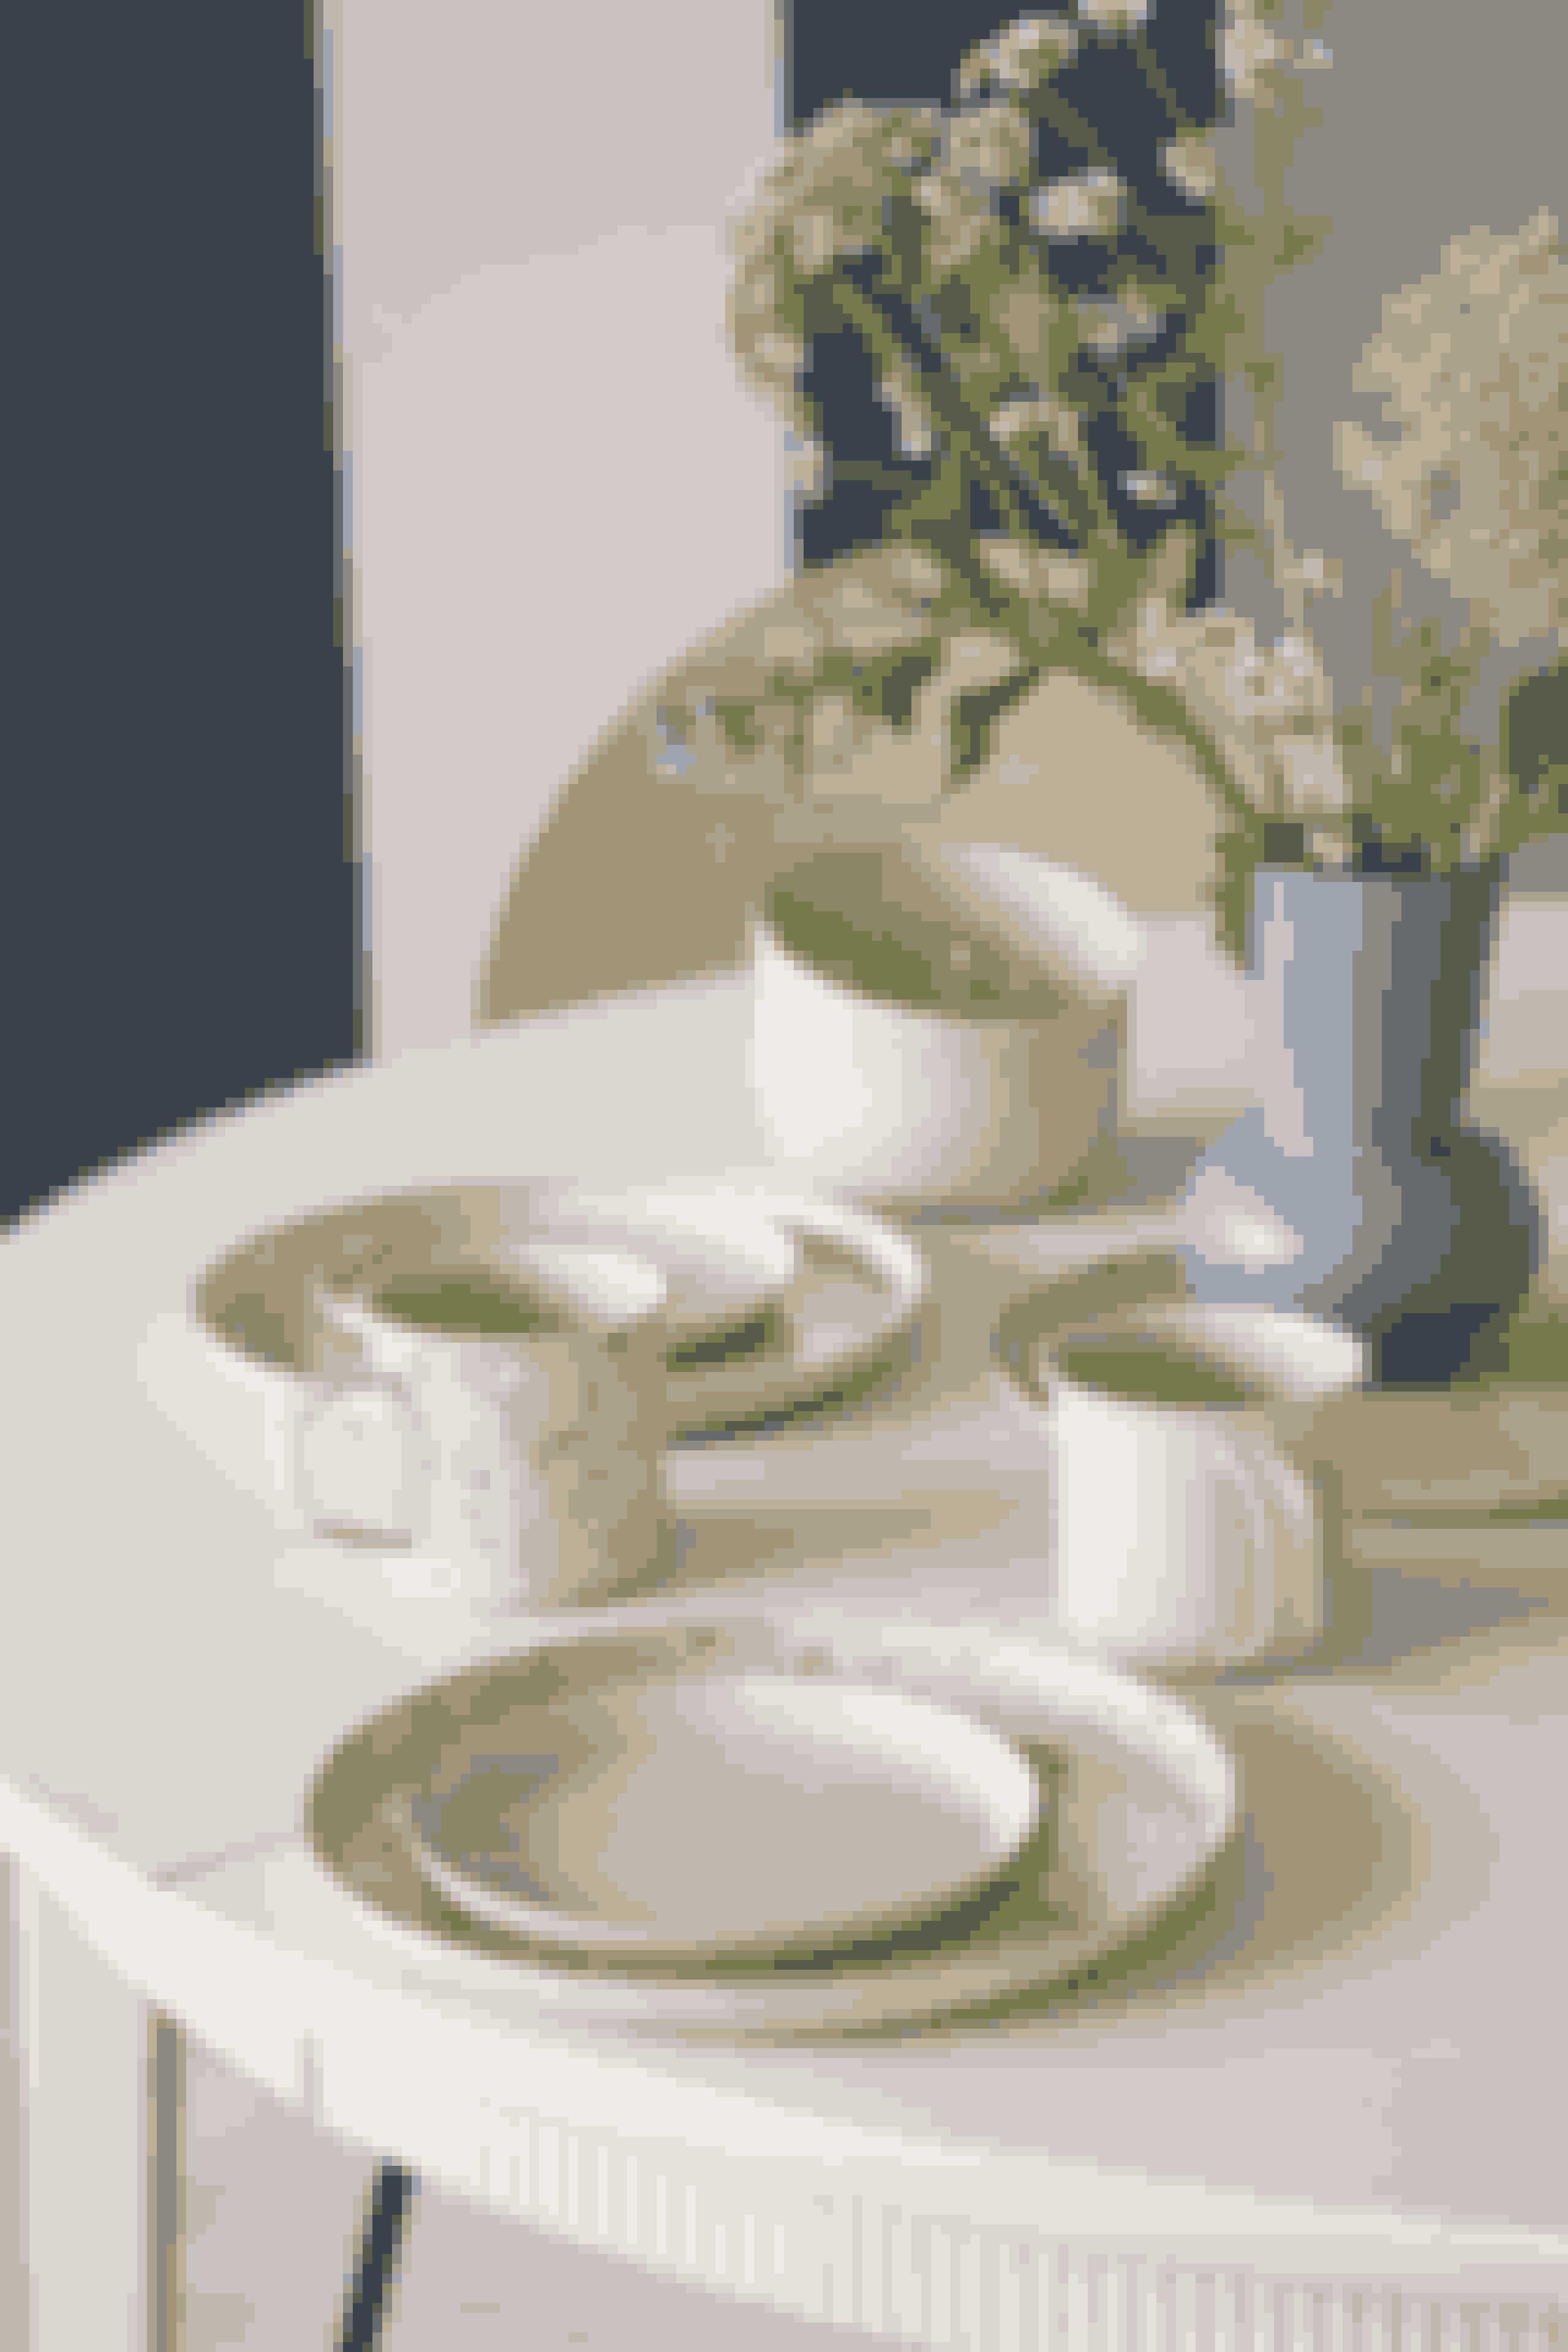 Vi drømmer om solbeskinnede frokoster på altanen med dette fine og farverige service. Priser på service fra 23,80 kr. Den fine vase kan også blive din og findes i ni farver til 28.80 kr stykket.